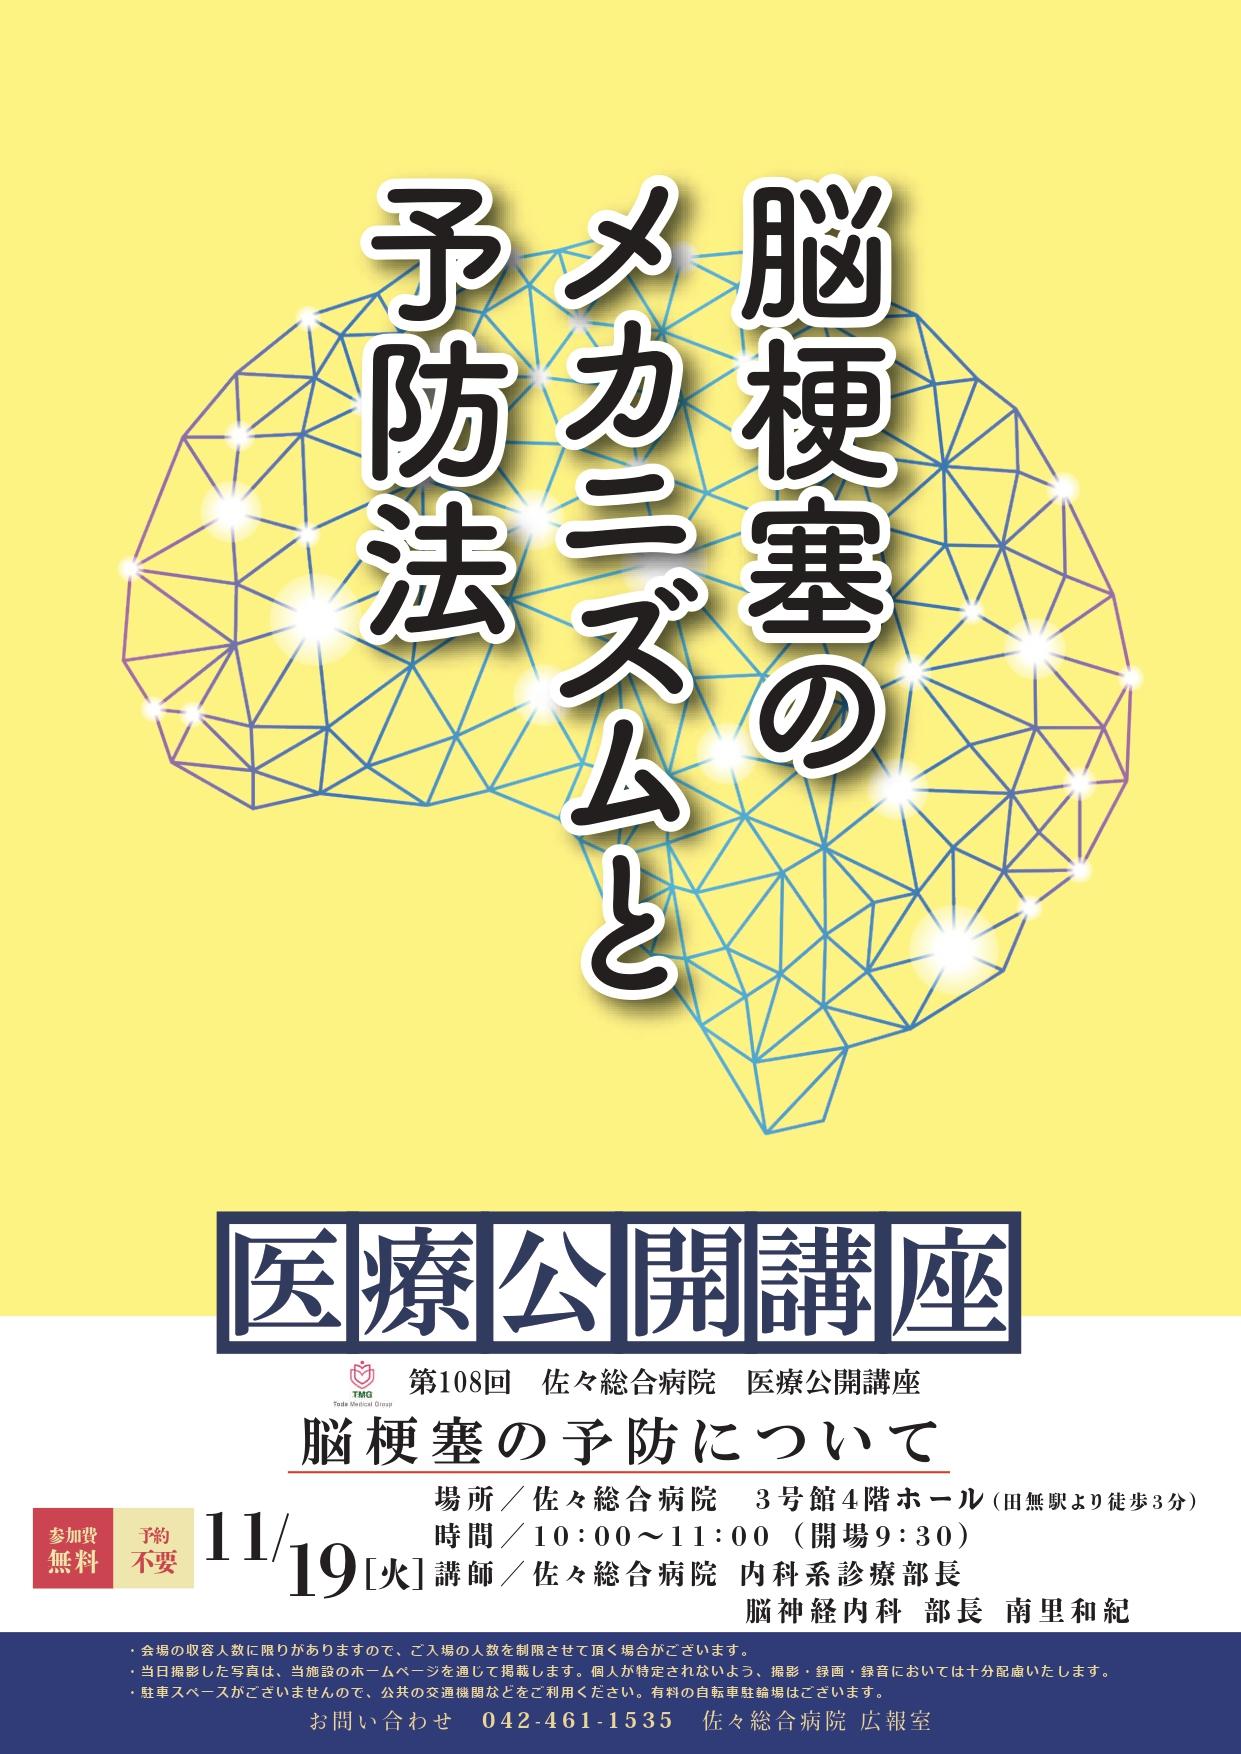 11月19日公開講座『脳梗塞の予防について』